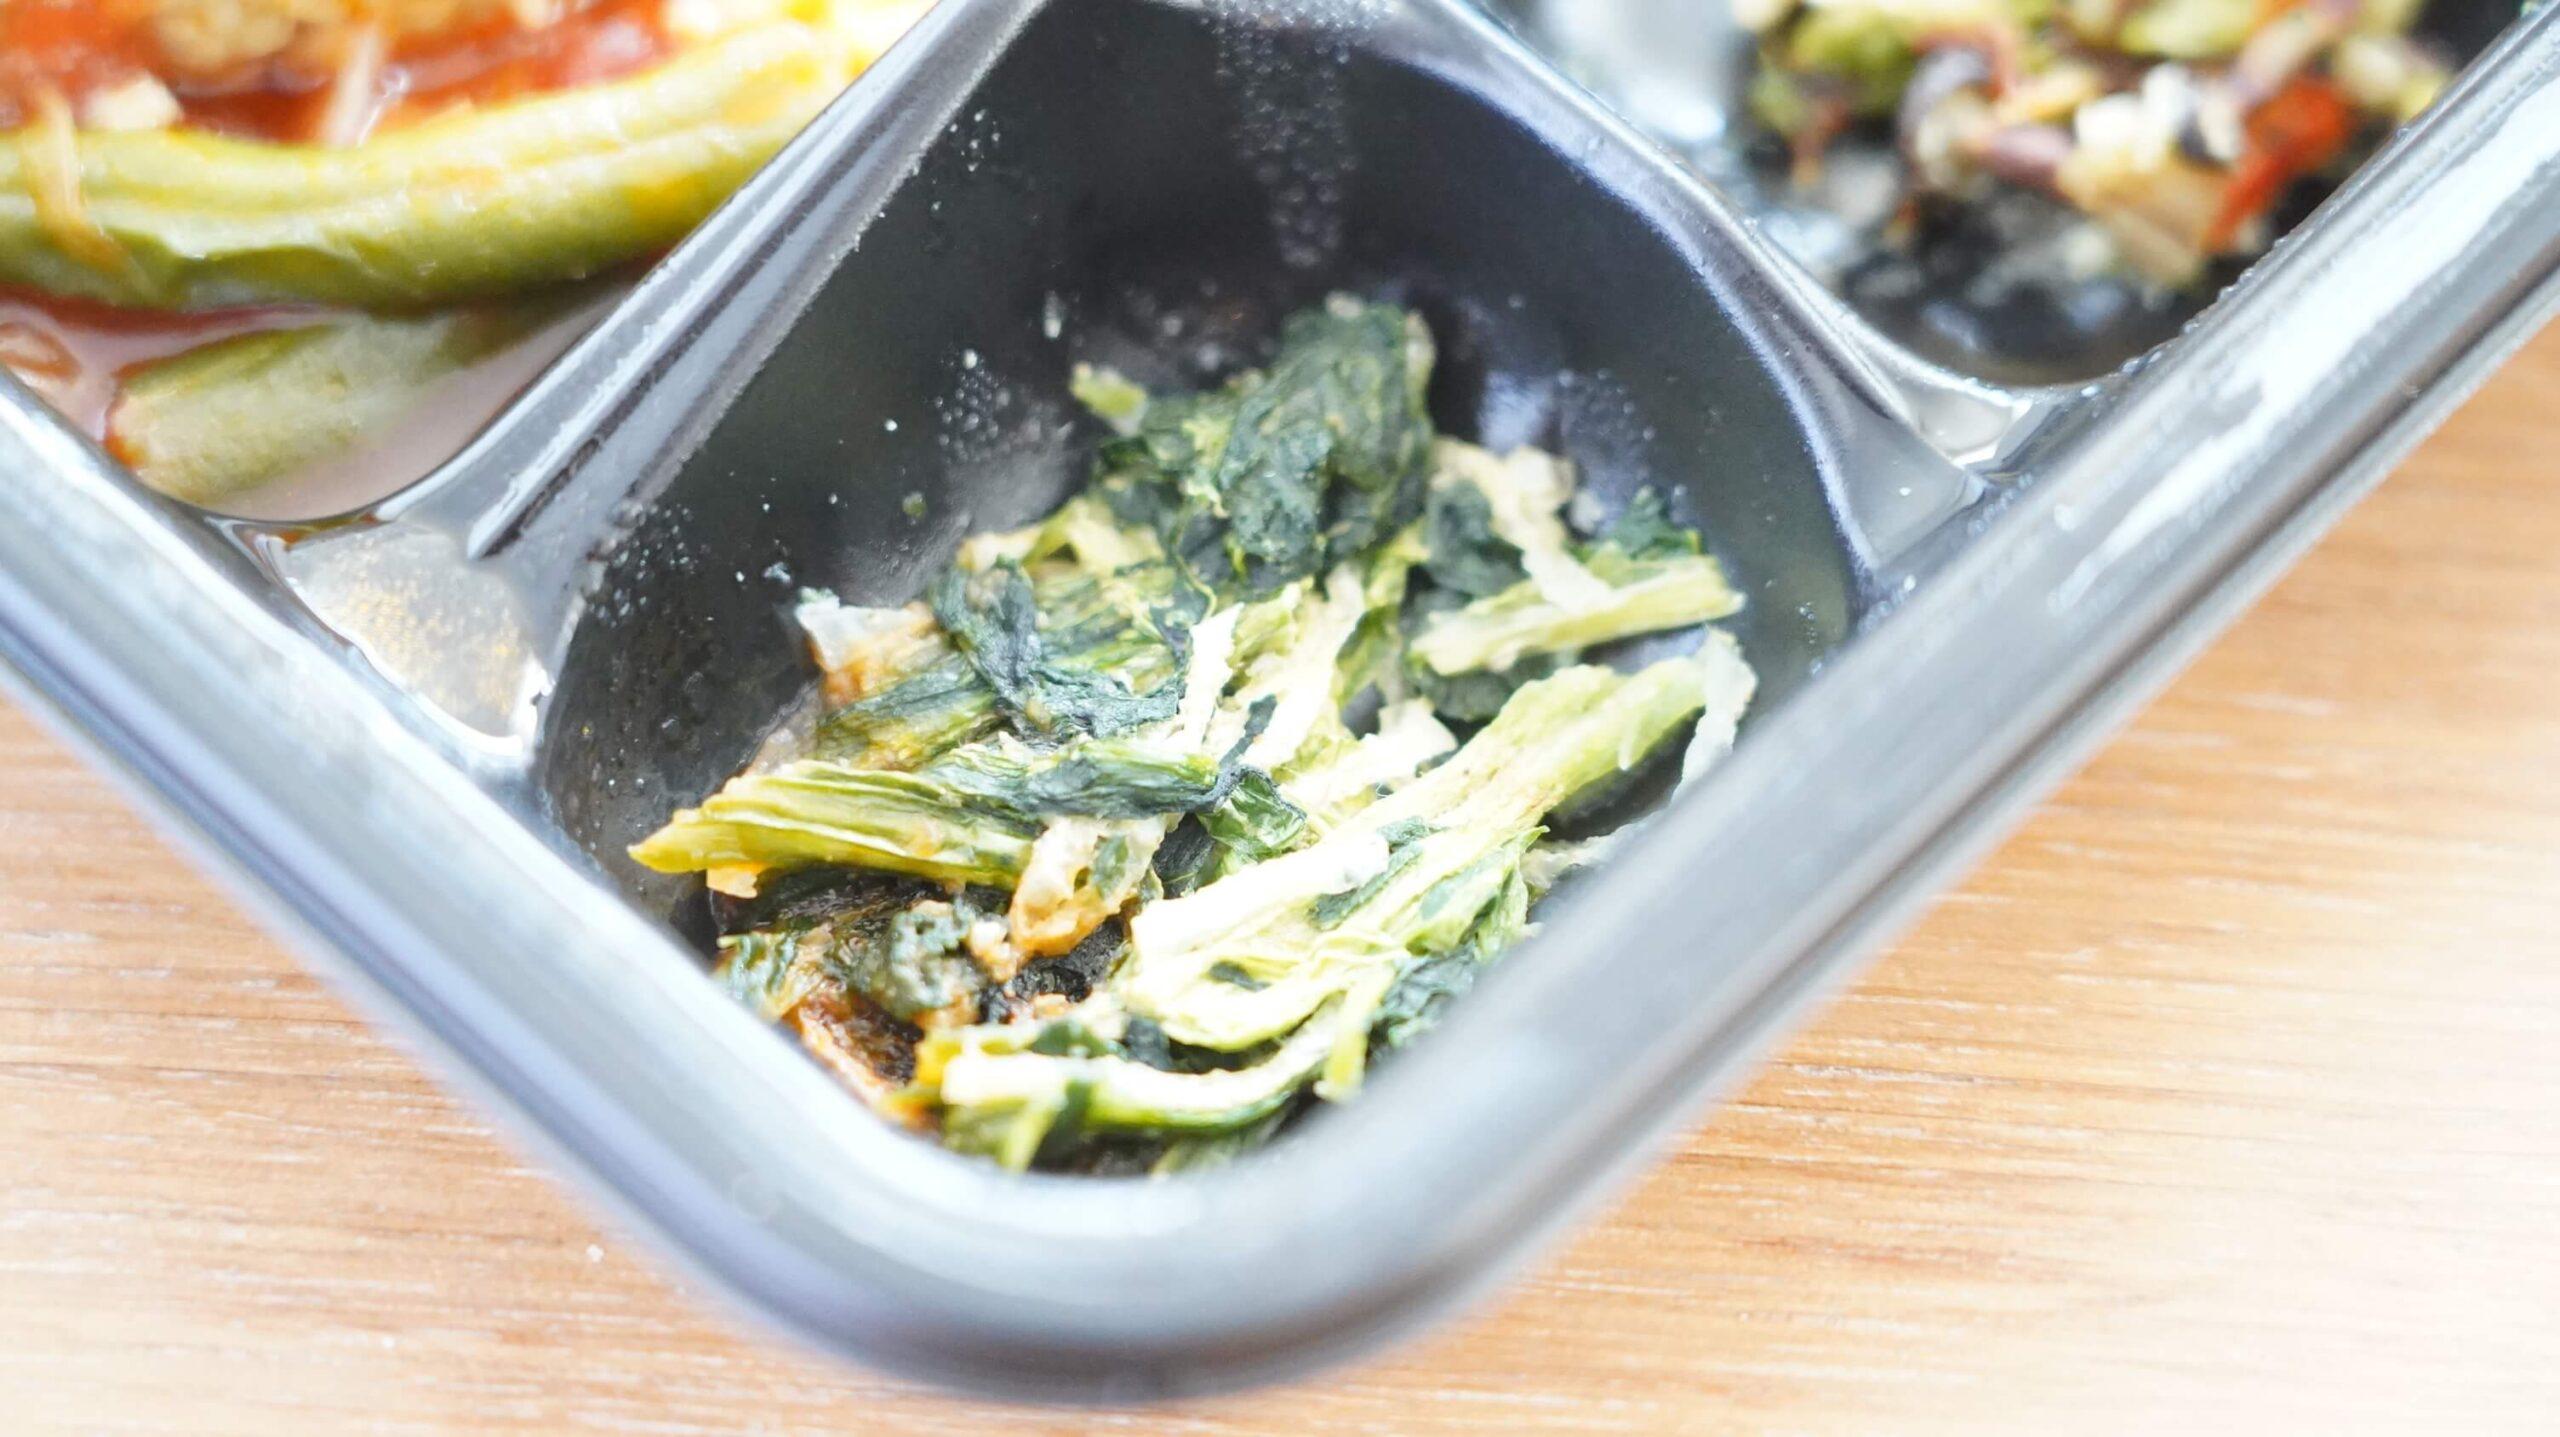 ライザップのサポートミール「チーズ入りハンバーグ」の付け合わせ「青菜の和え物」の写真